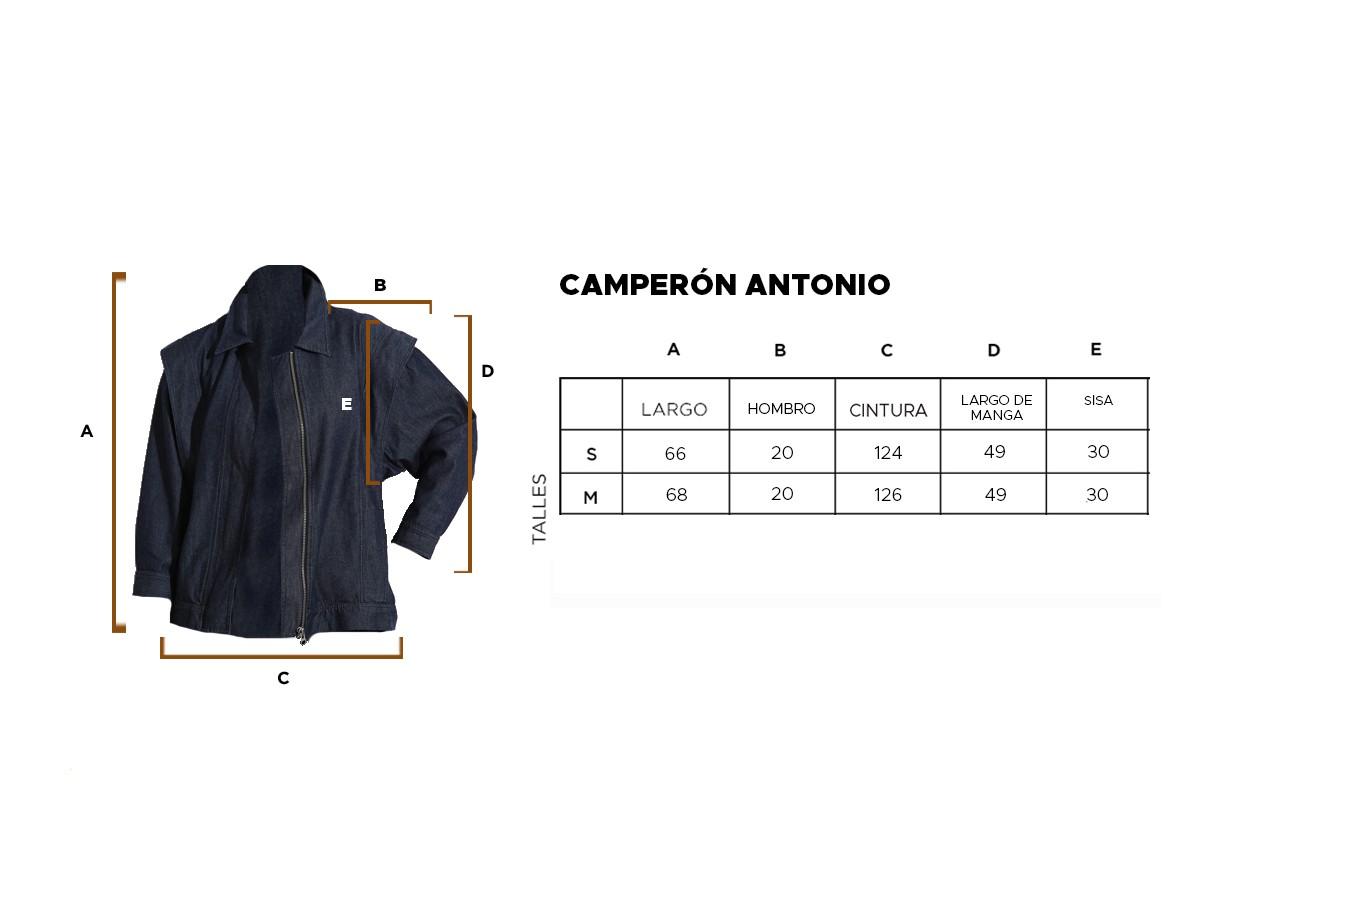 CAMPERÓN ANTONIO